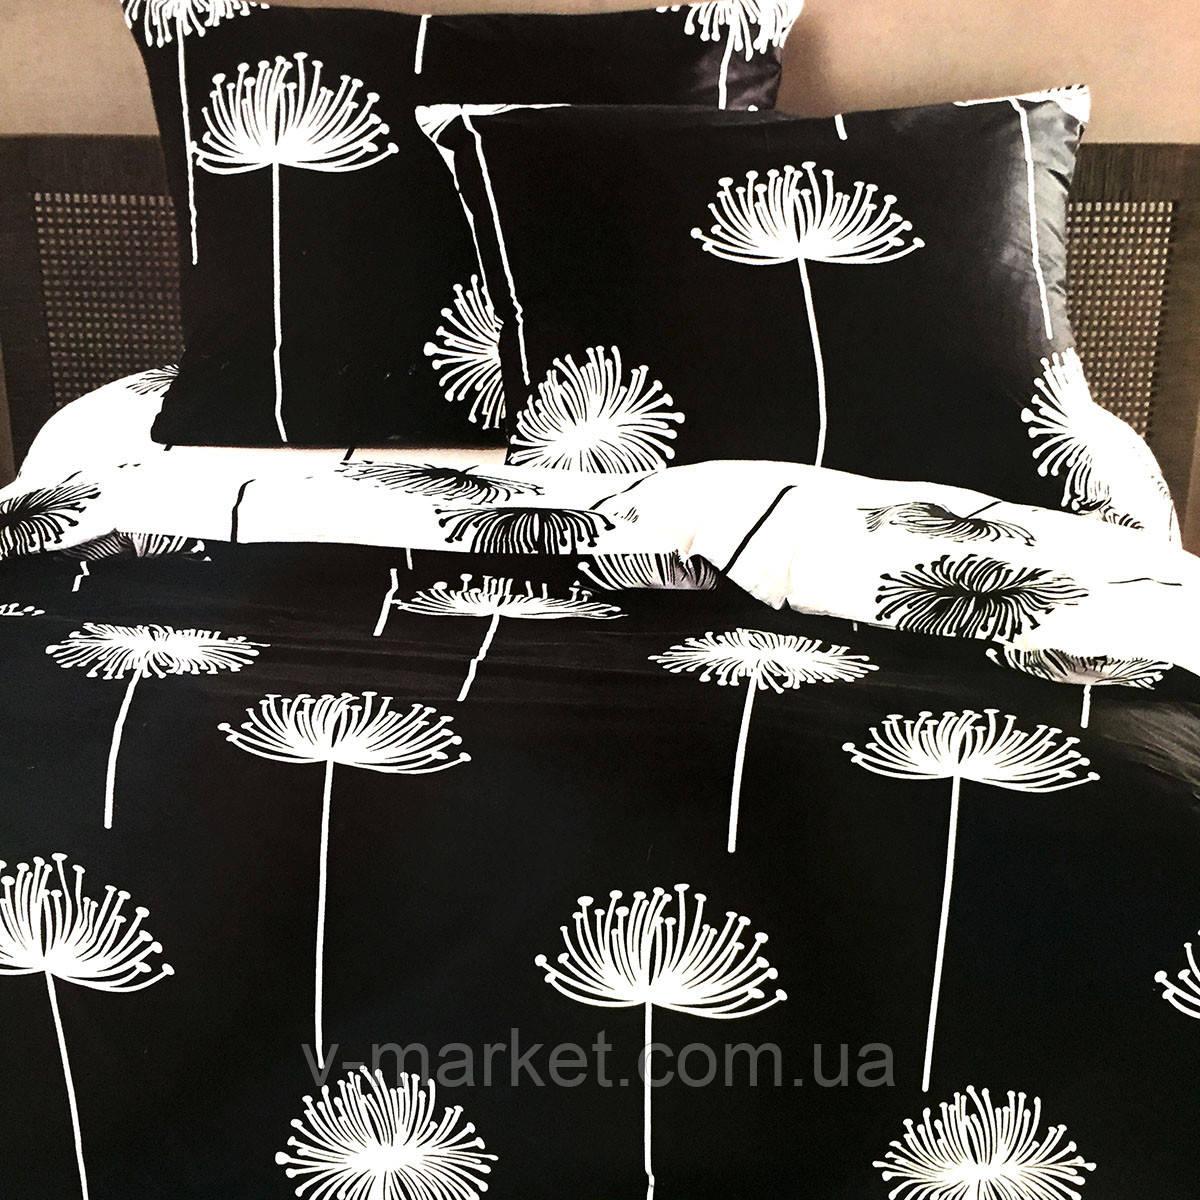 """""""Одуванчики"""" Евро размер постельное белье ELWAY (Польша), 200/220 см, ткань сатин (100% хлопок)."""